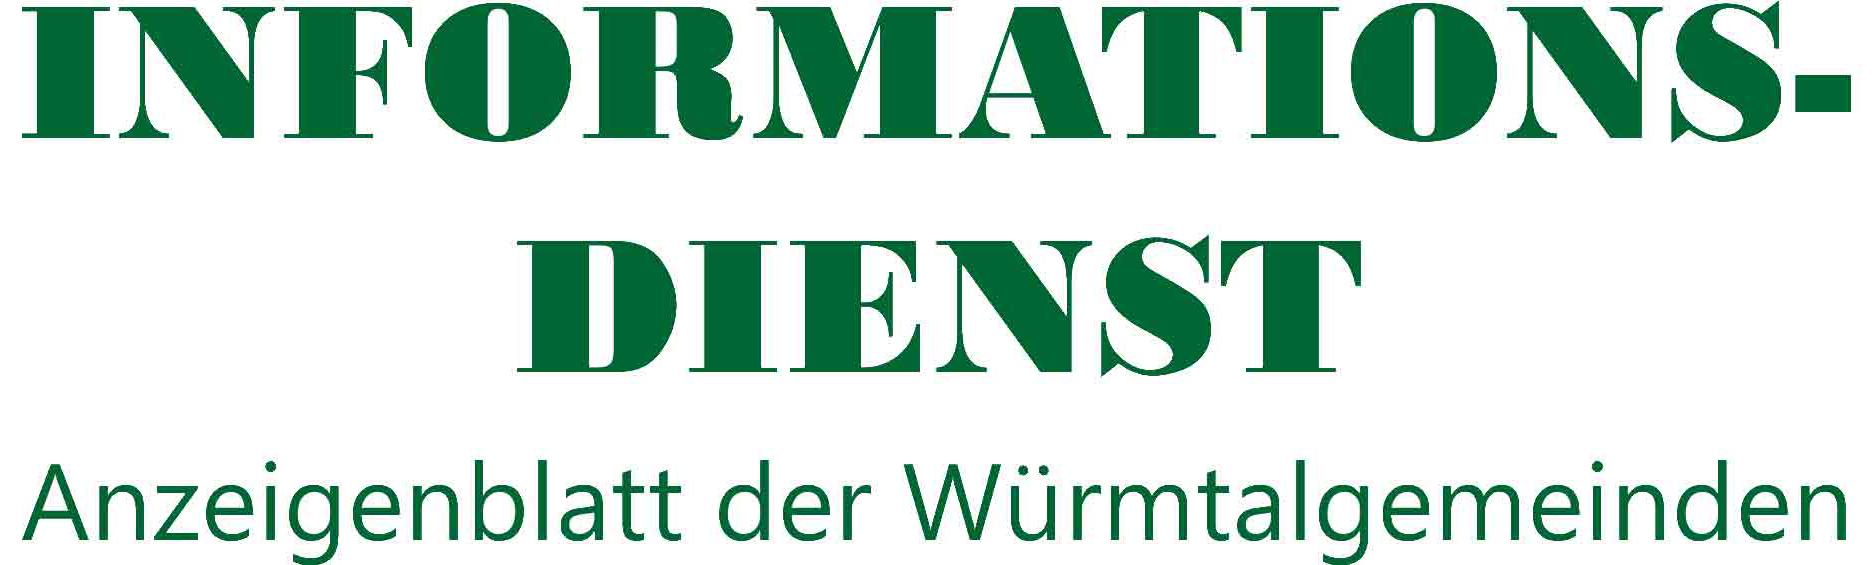 Informationsdienst